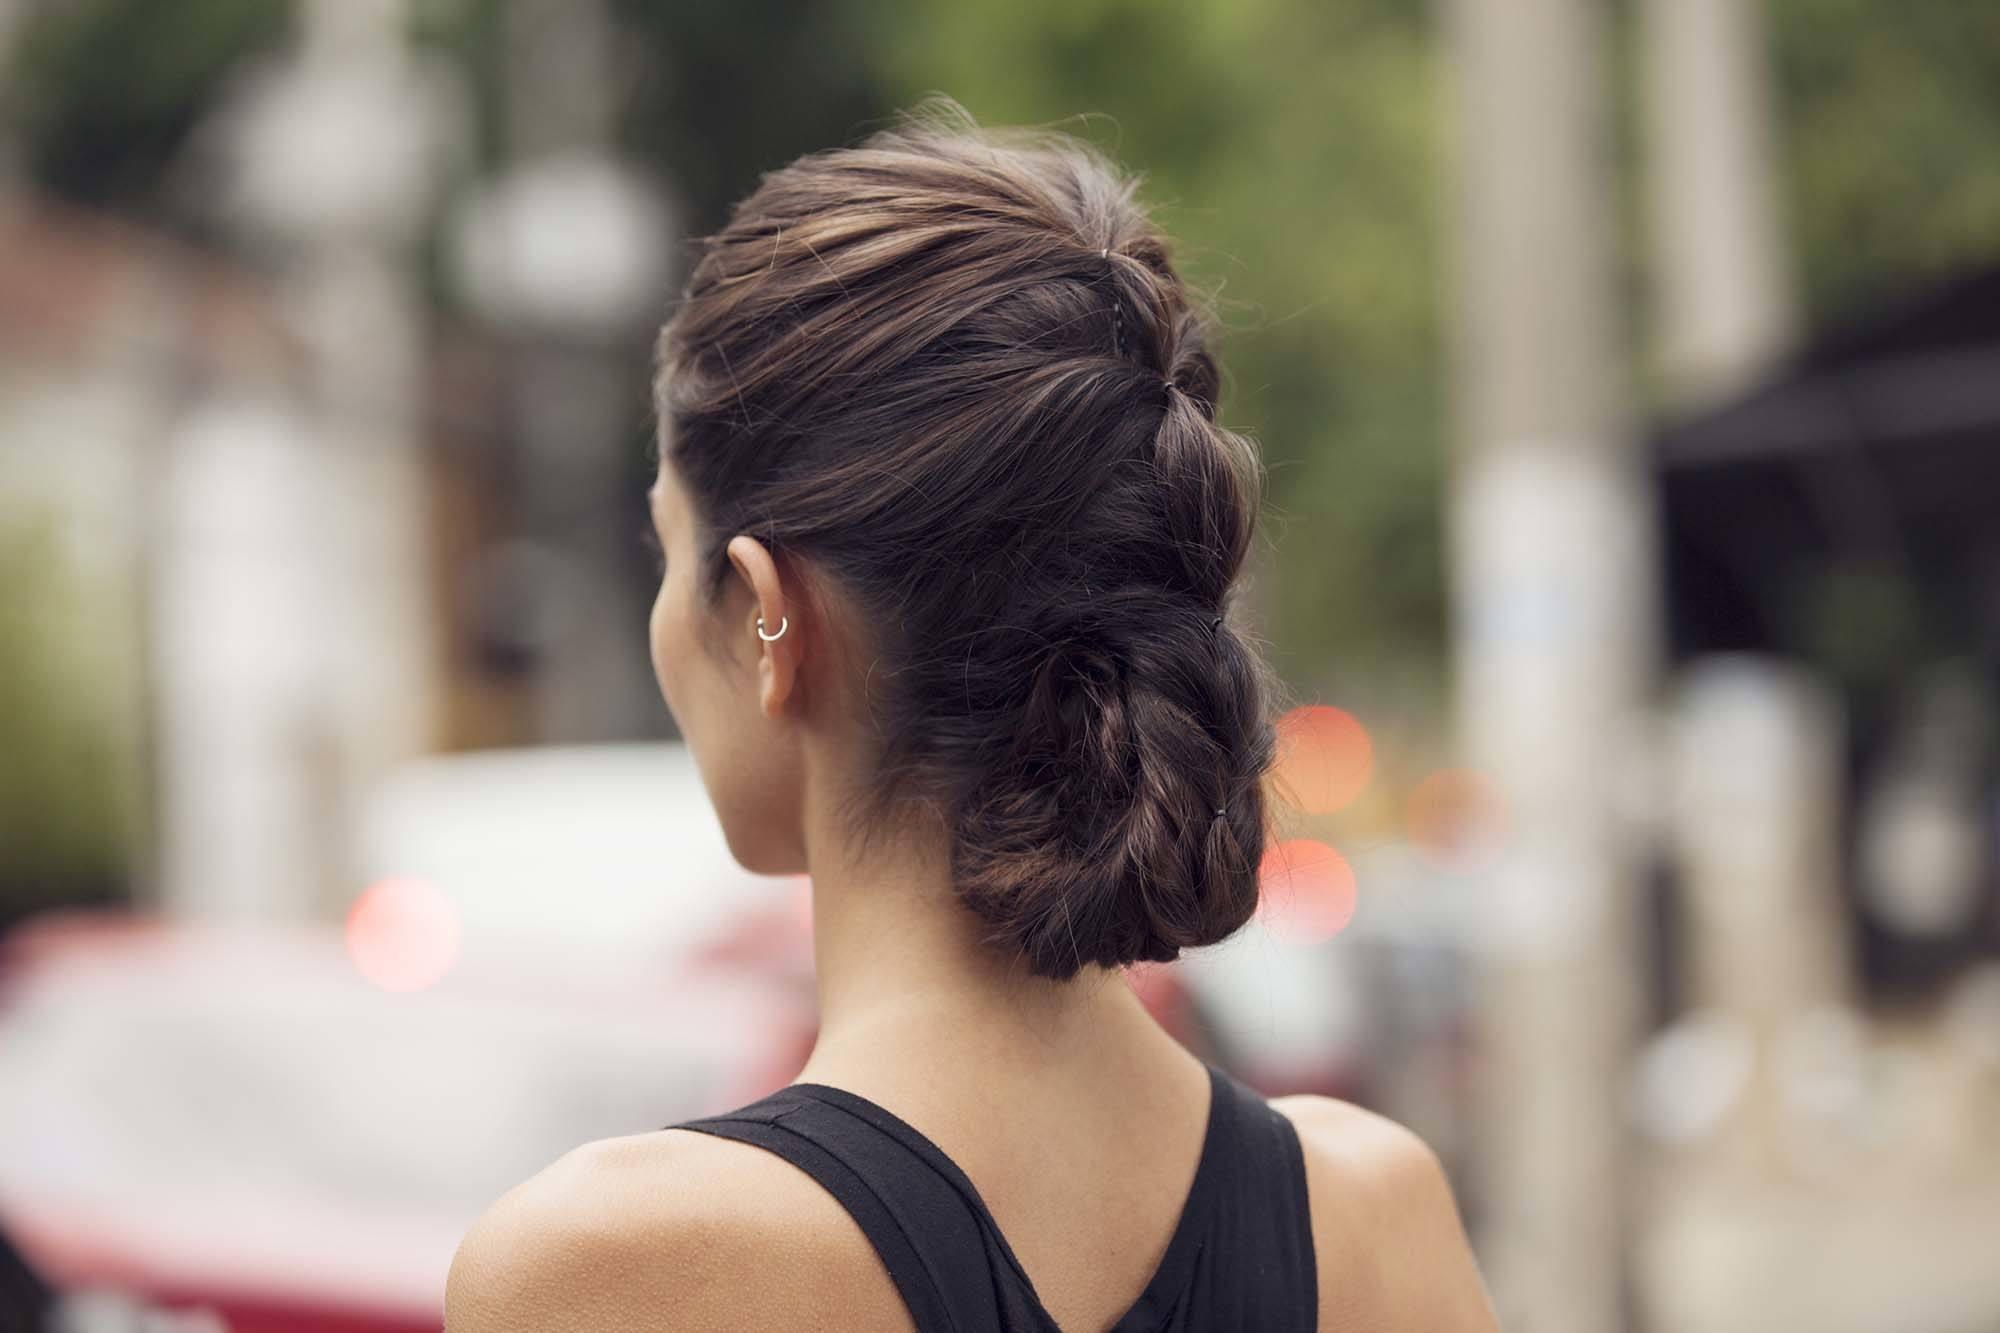 Cara menata rambut panjang untuk pesta model rambut faux braid.